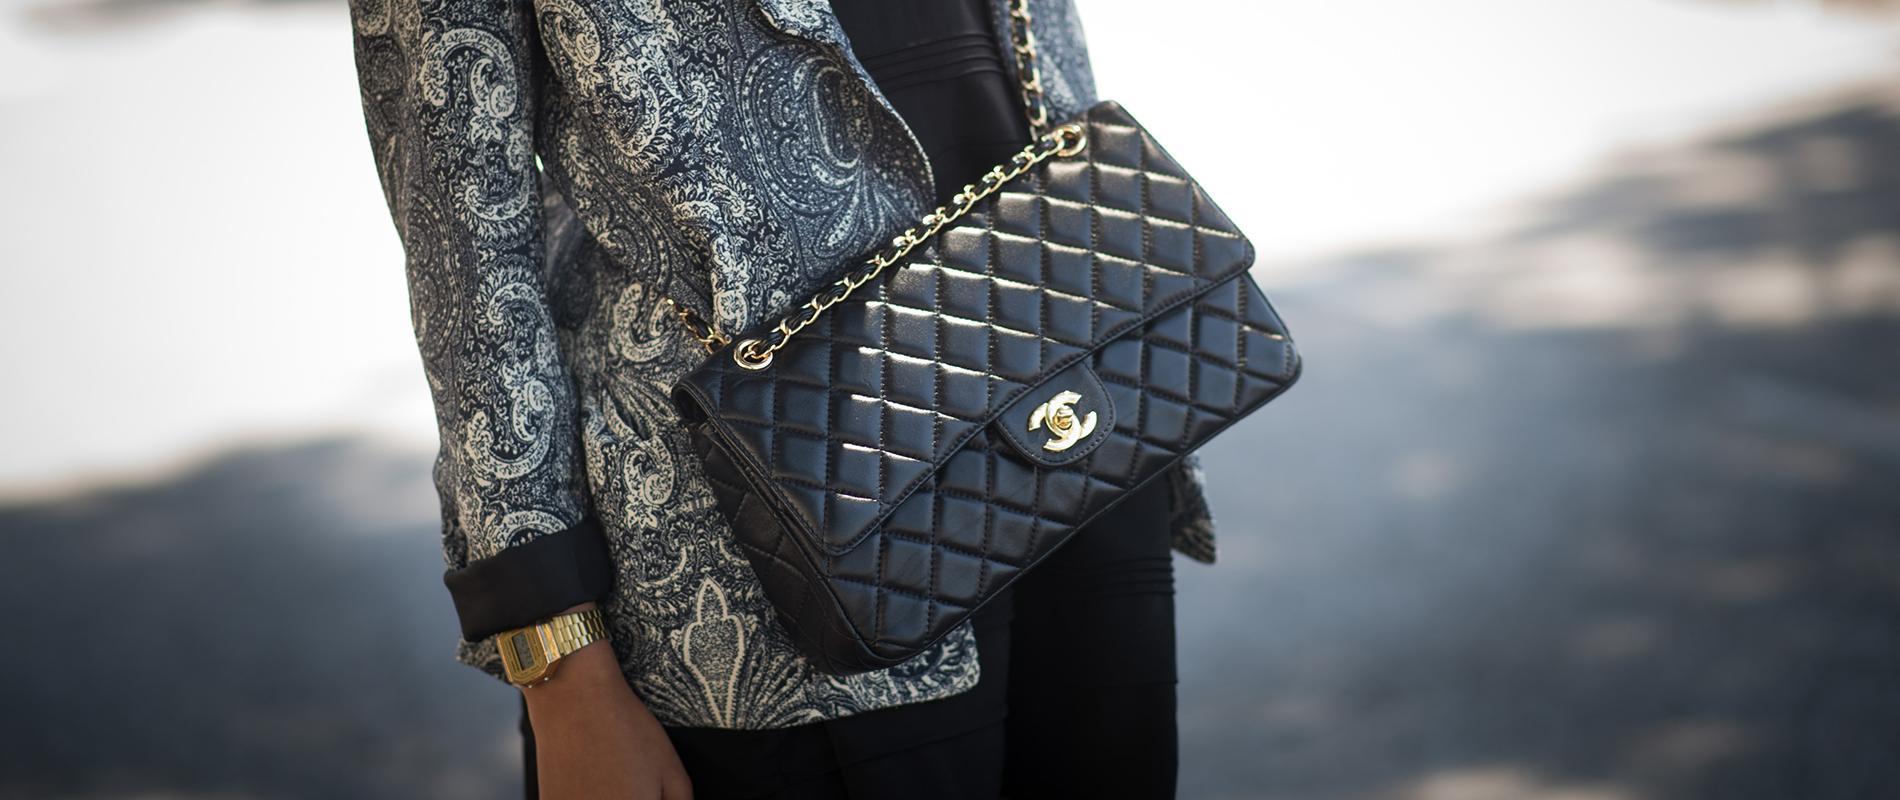 Créé en 1955, le sac Chanel 2.55 a pris 500 dollars de plus en un an. 163dc378e25